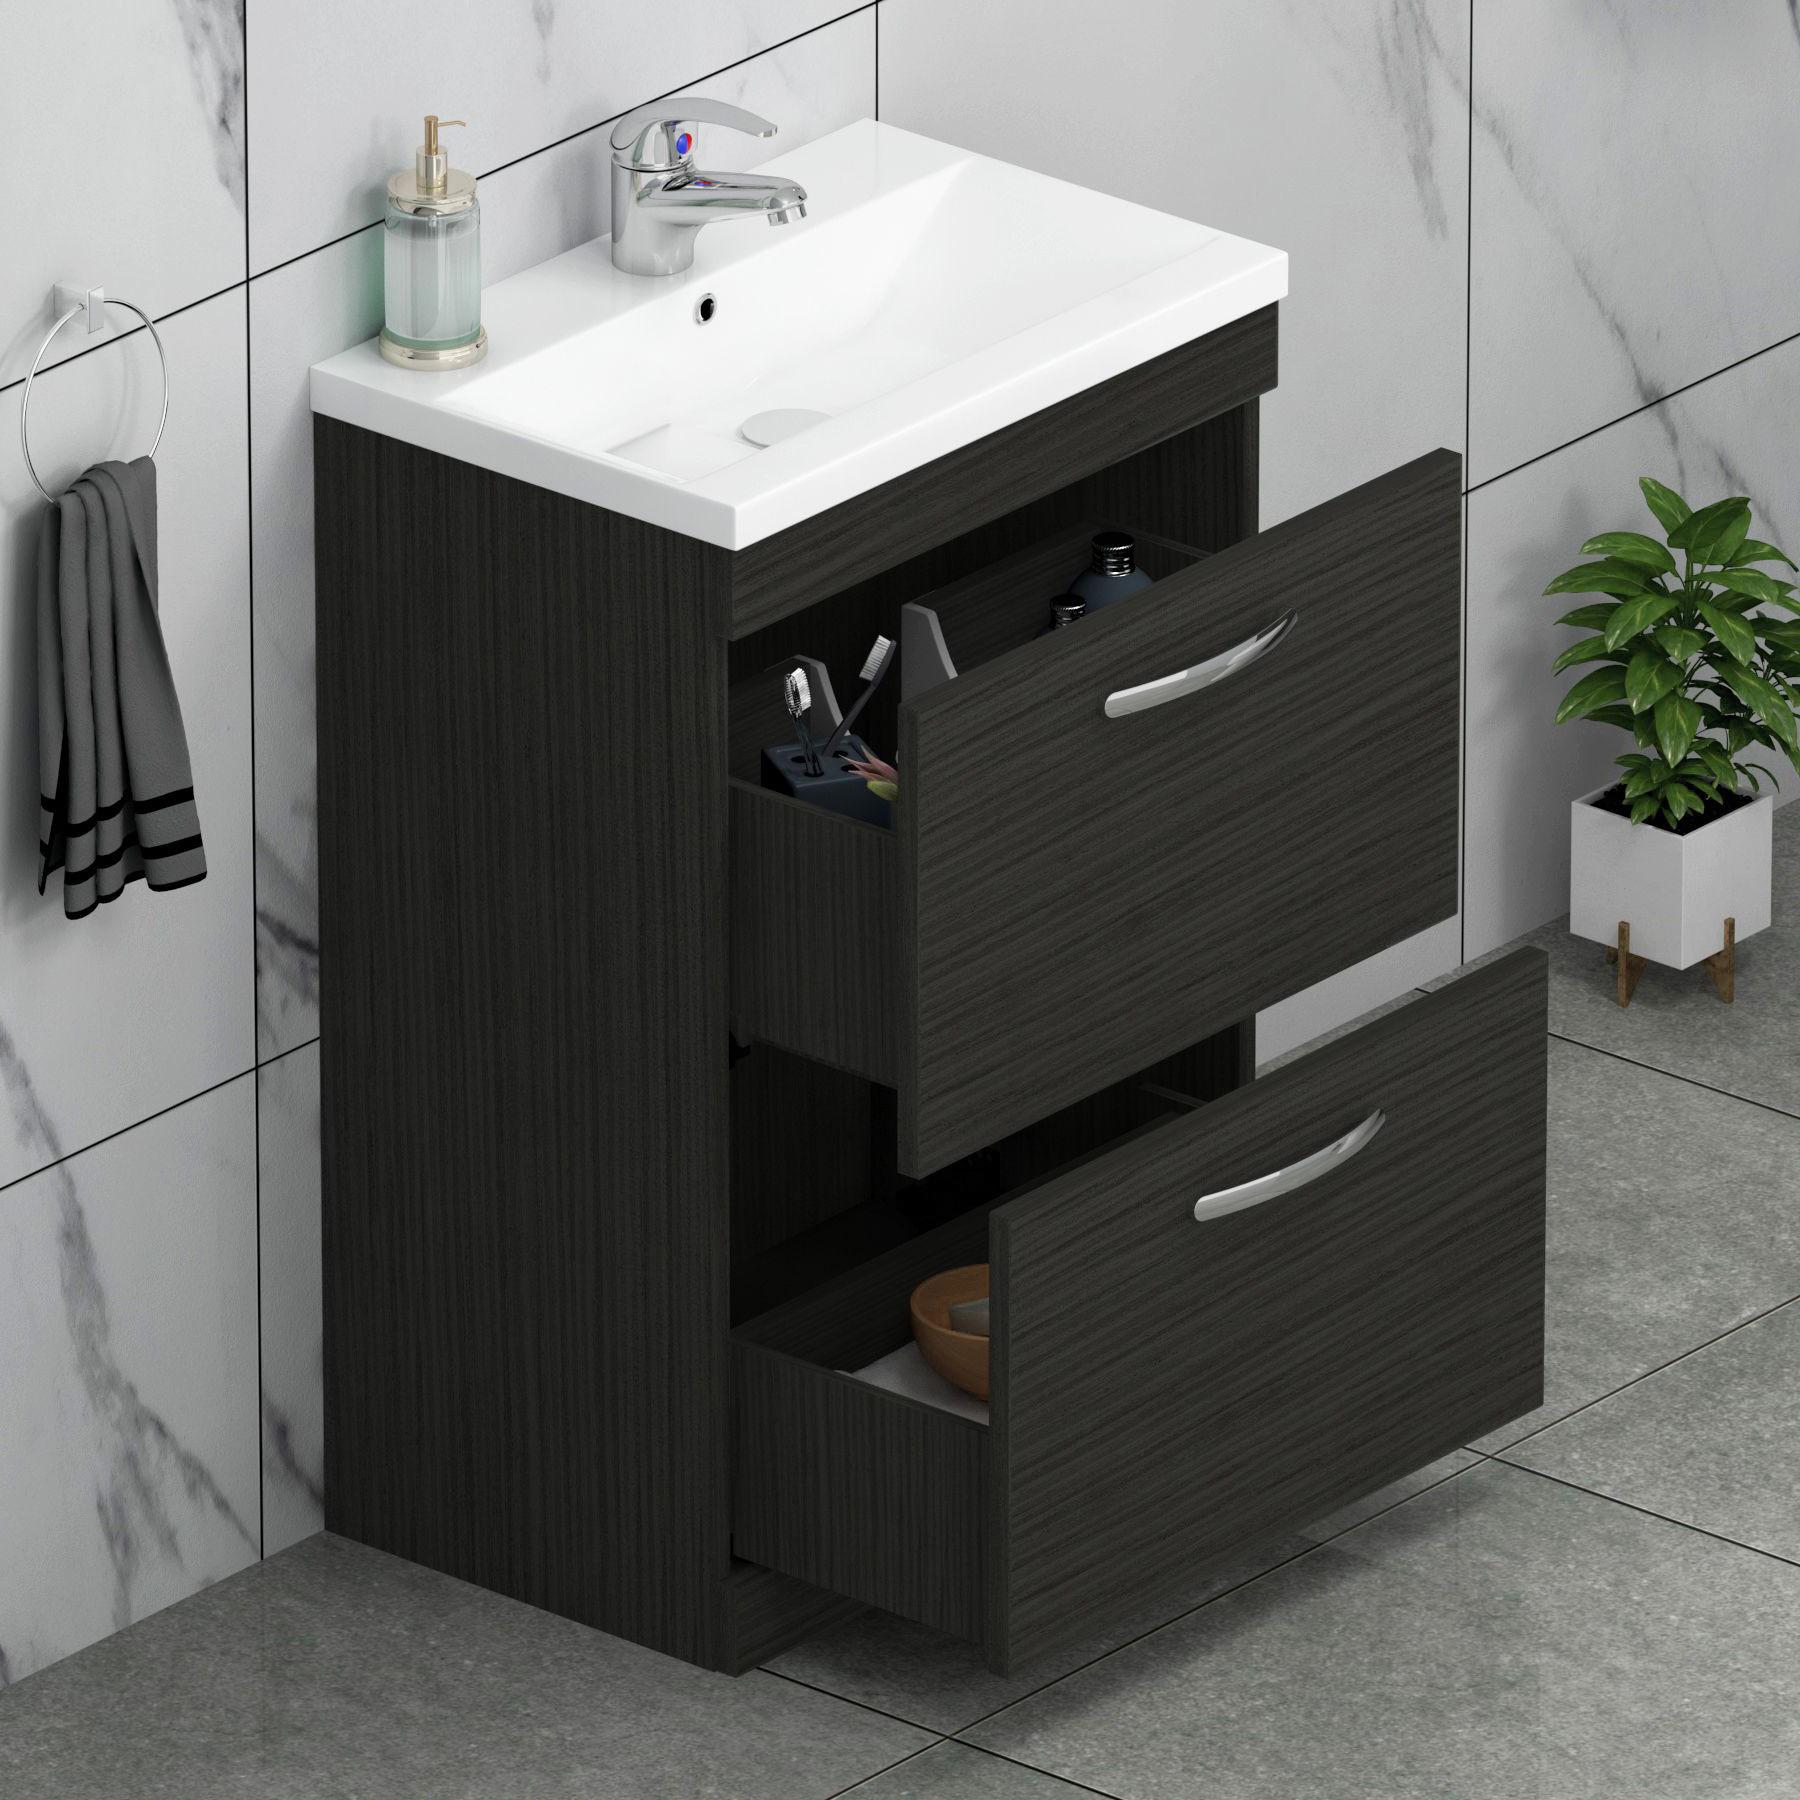 Floor standing vanity units – buying guide!